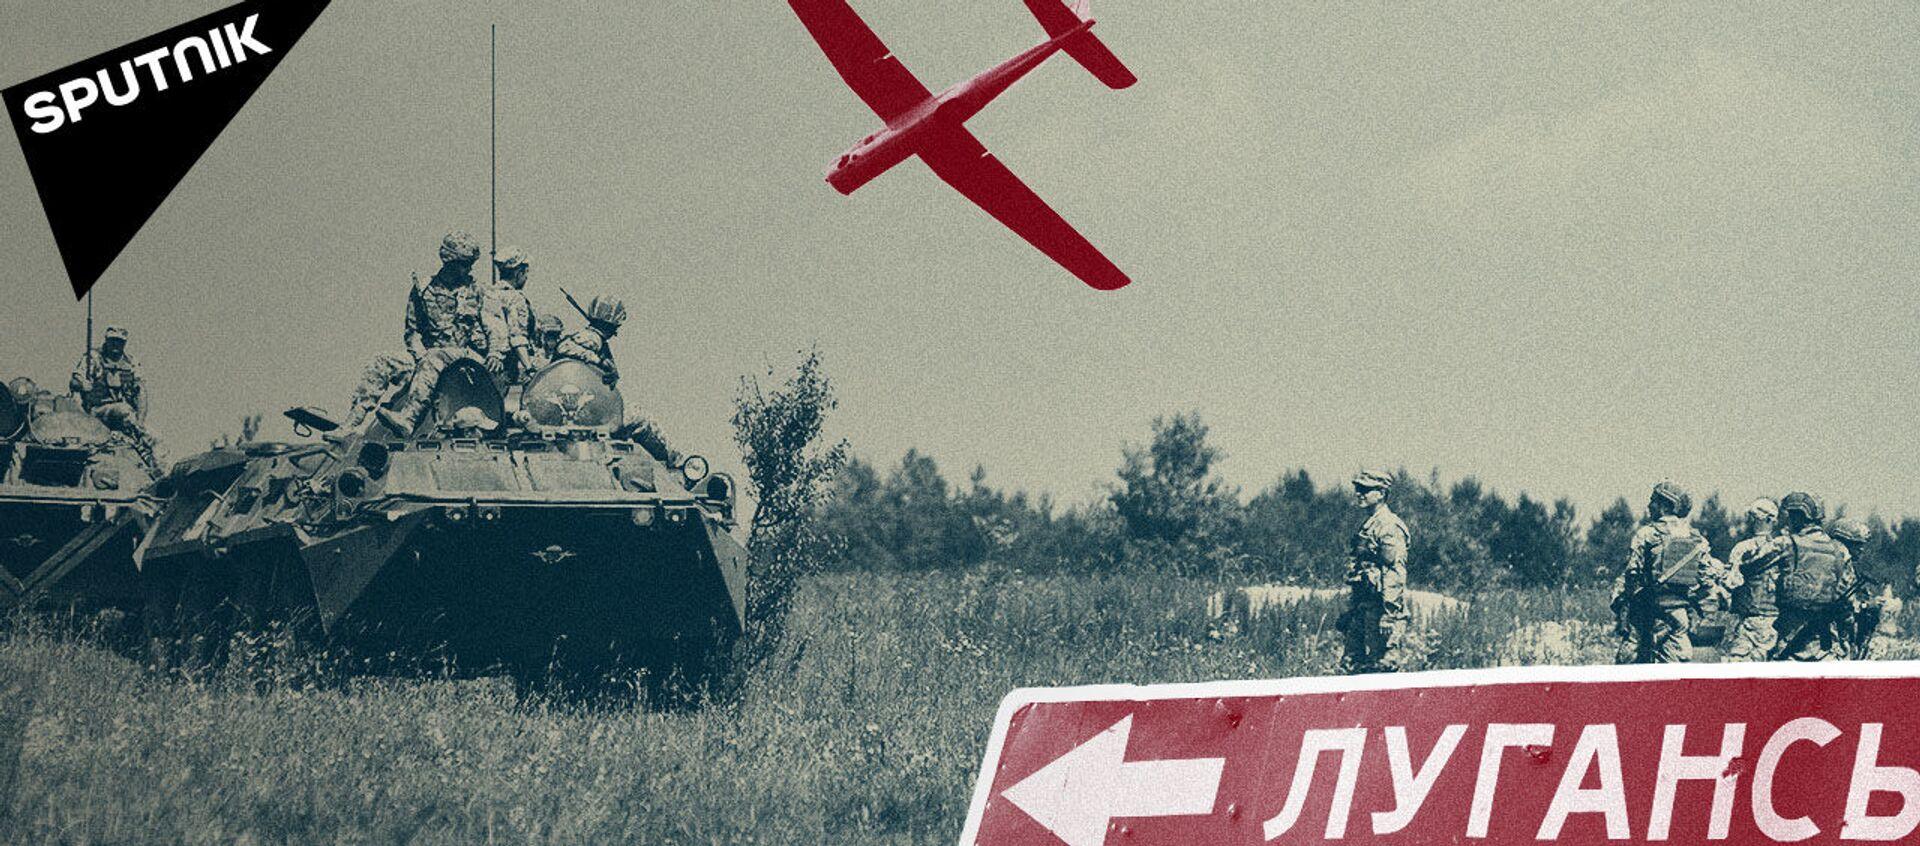 Донбасс на пороге новой войны: США обещают помочь Украине - Sputnik Латвия, 1920, 07.04.2021